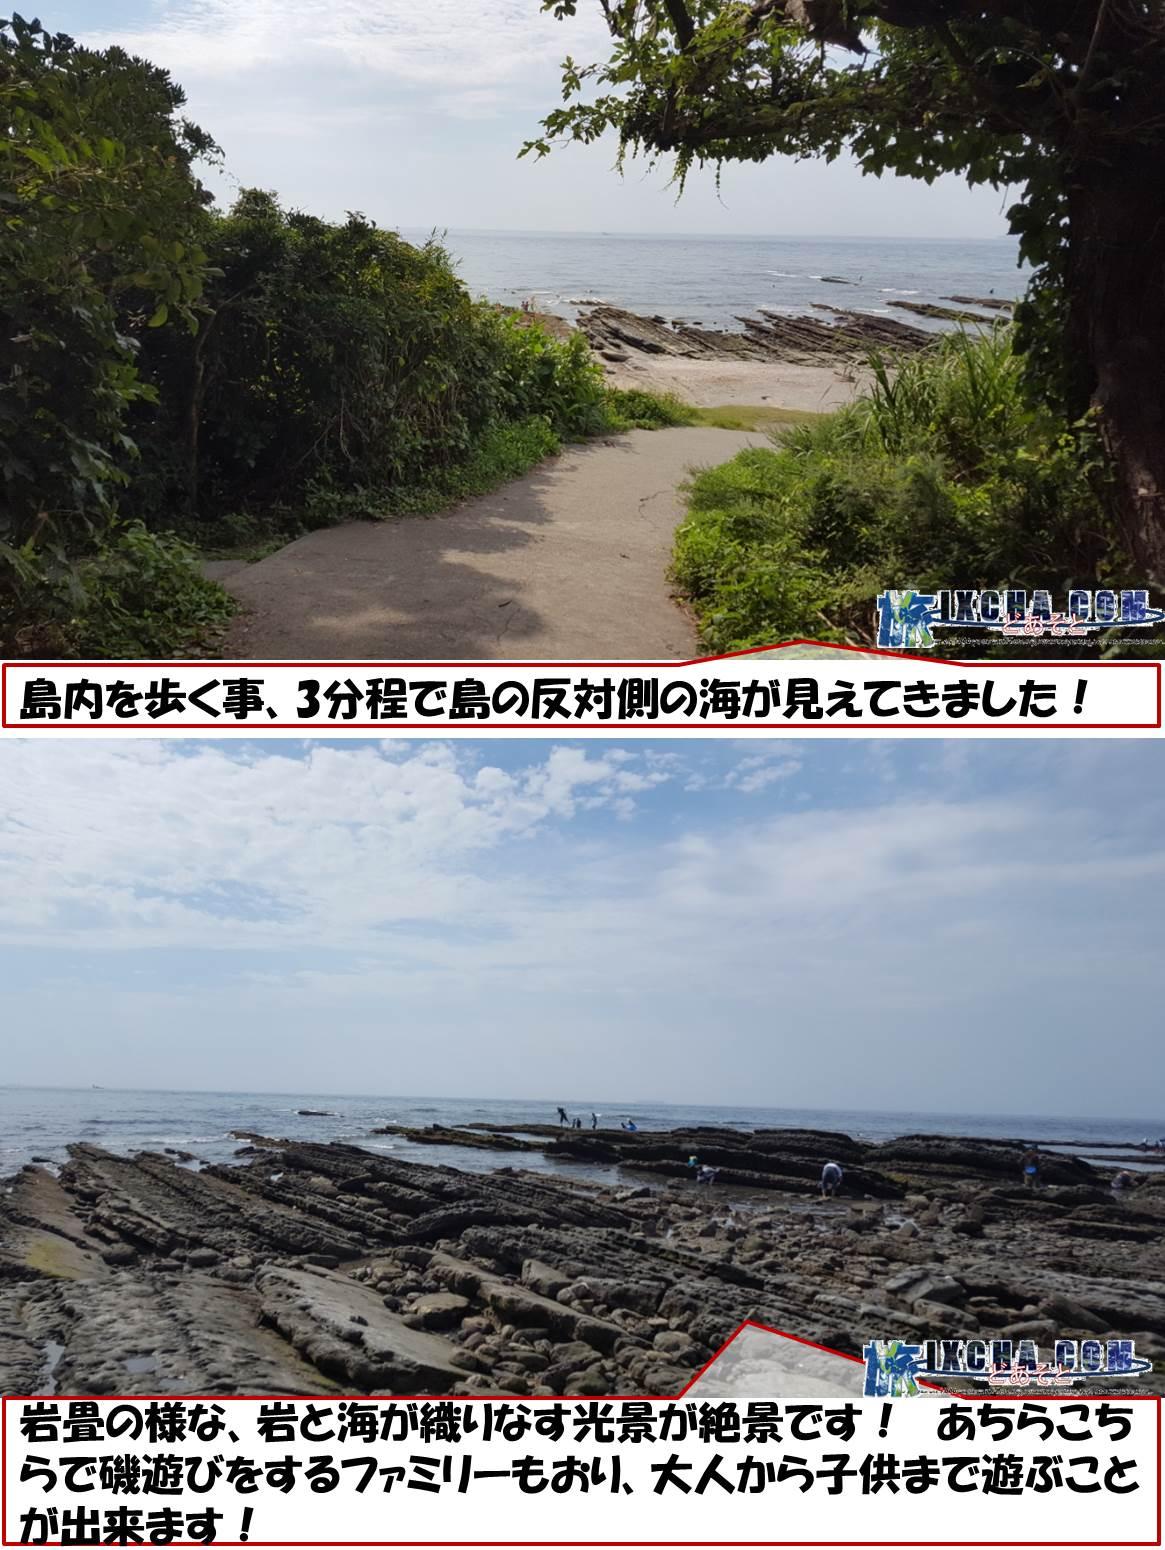 島内を歩く事、3分程で島の反対側の海が見えてきました!! 岩畳の様な、岩と海が織りなす光景が絶景です! あちらこちらで磯遊びをするファミリーもおり、大人から子供まで遊ぶことが出来ます!